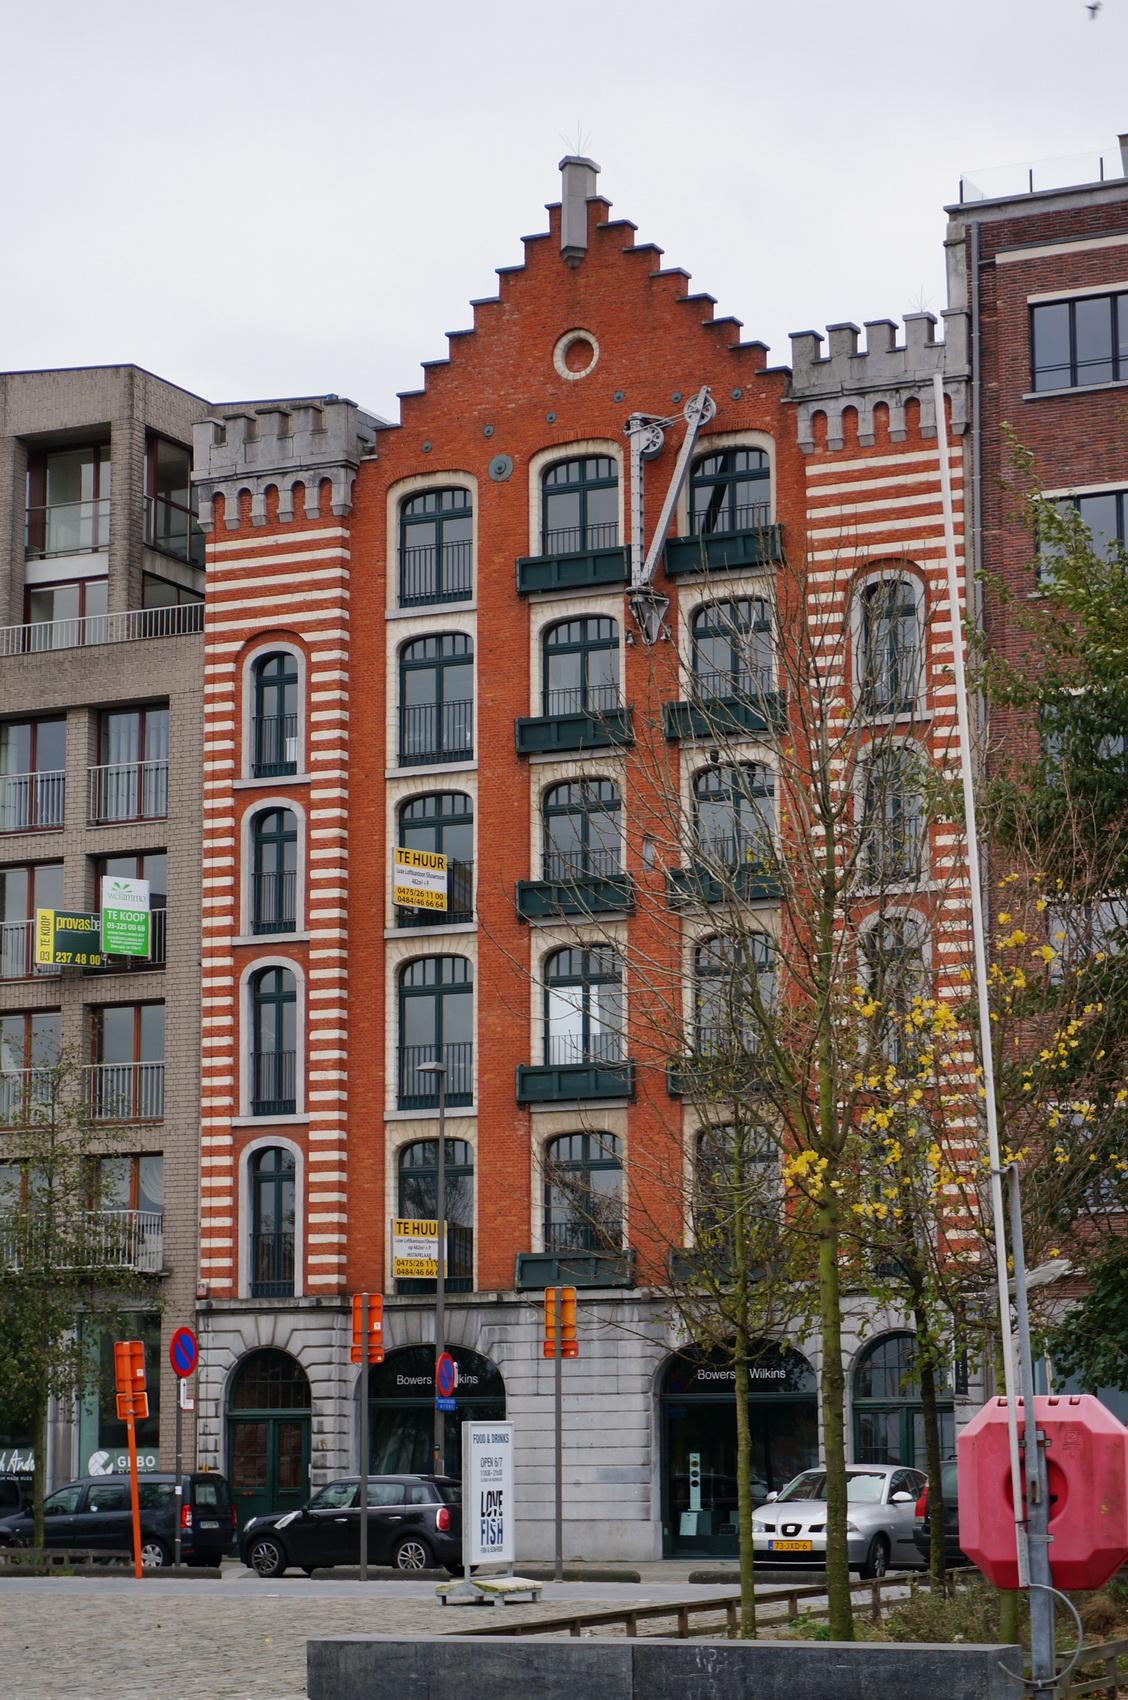 anvers, antwerp, antwerpen, quartier du mas, port, anvers industriel, architecture flamande